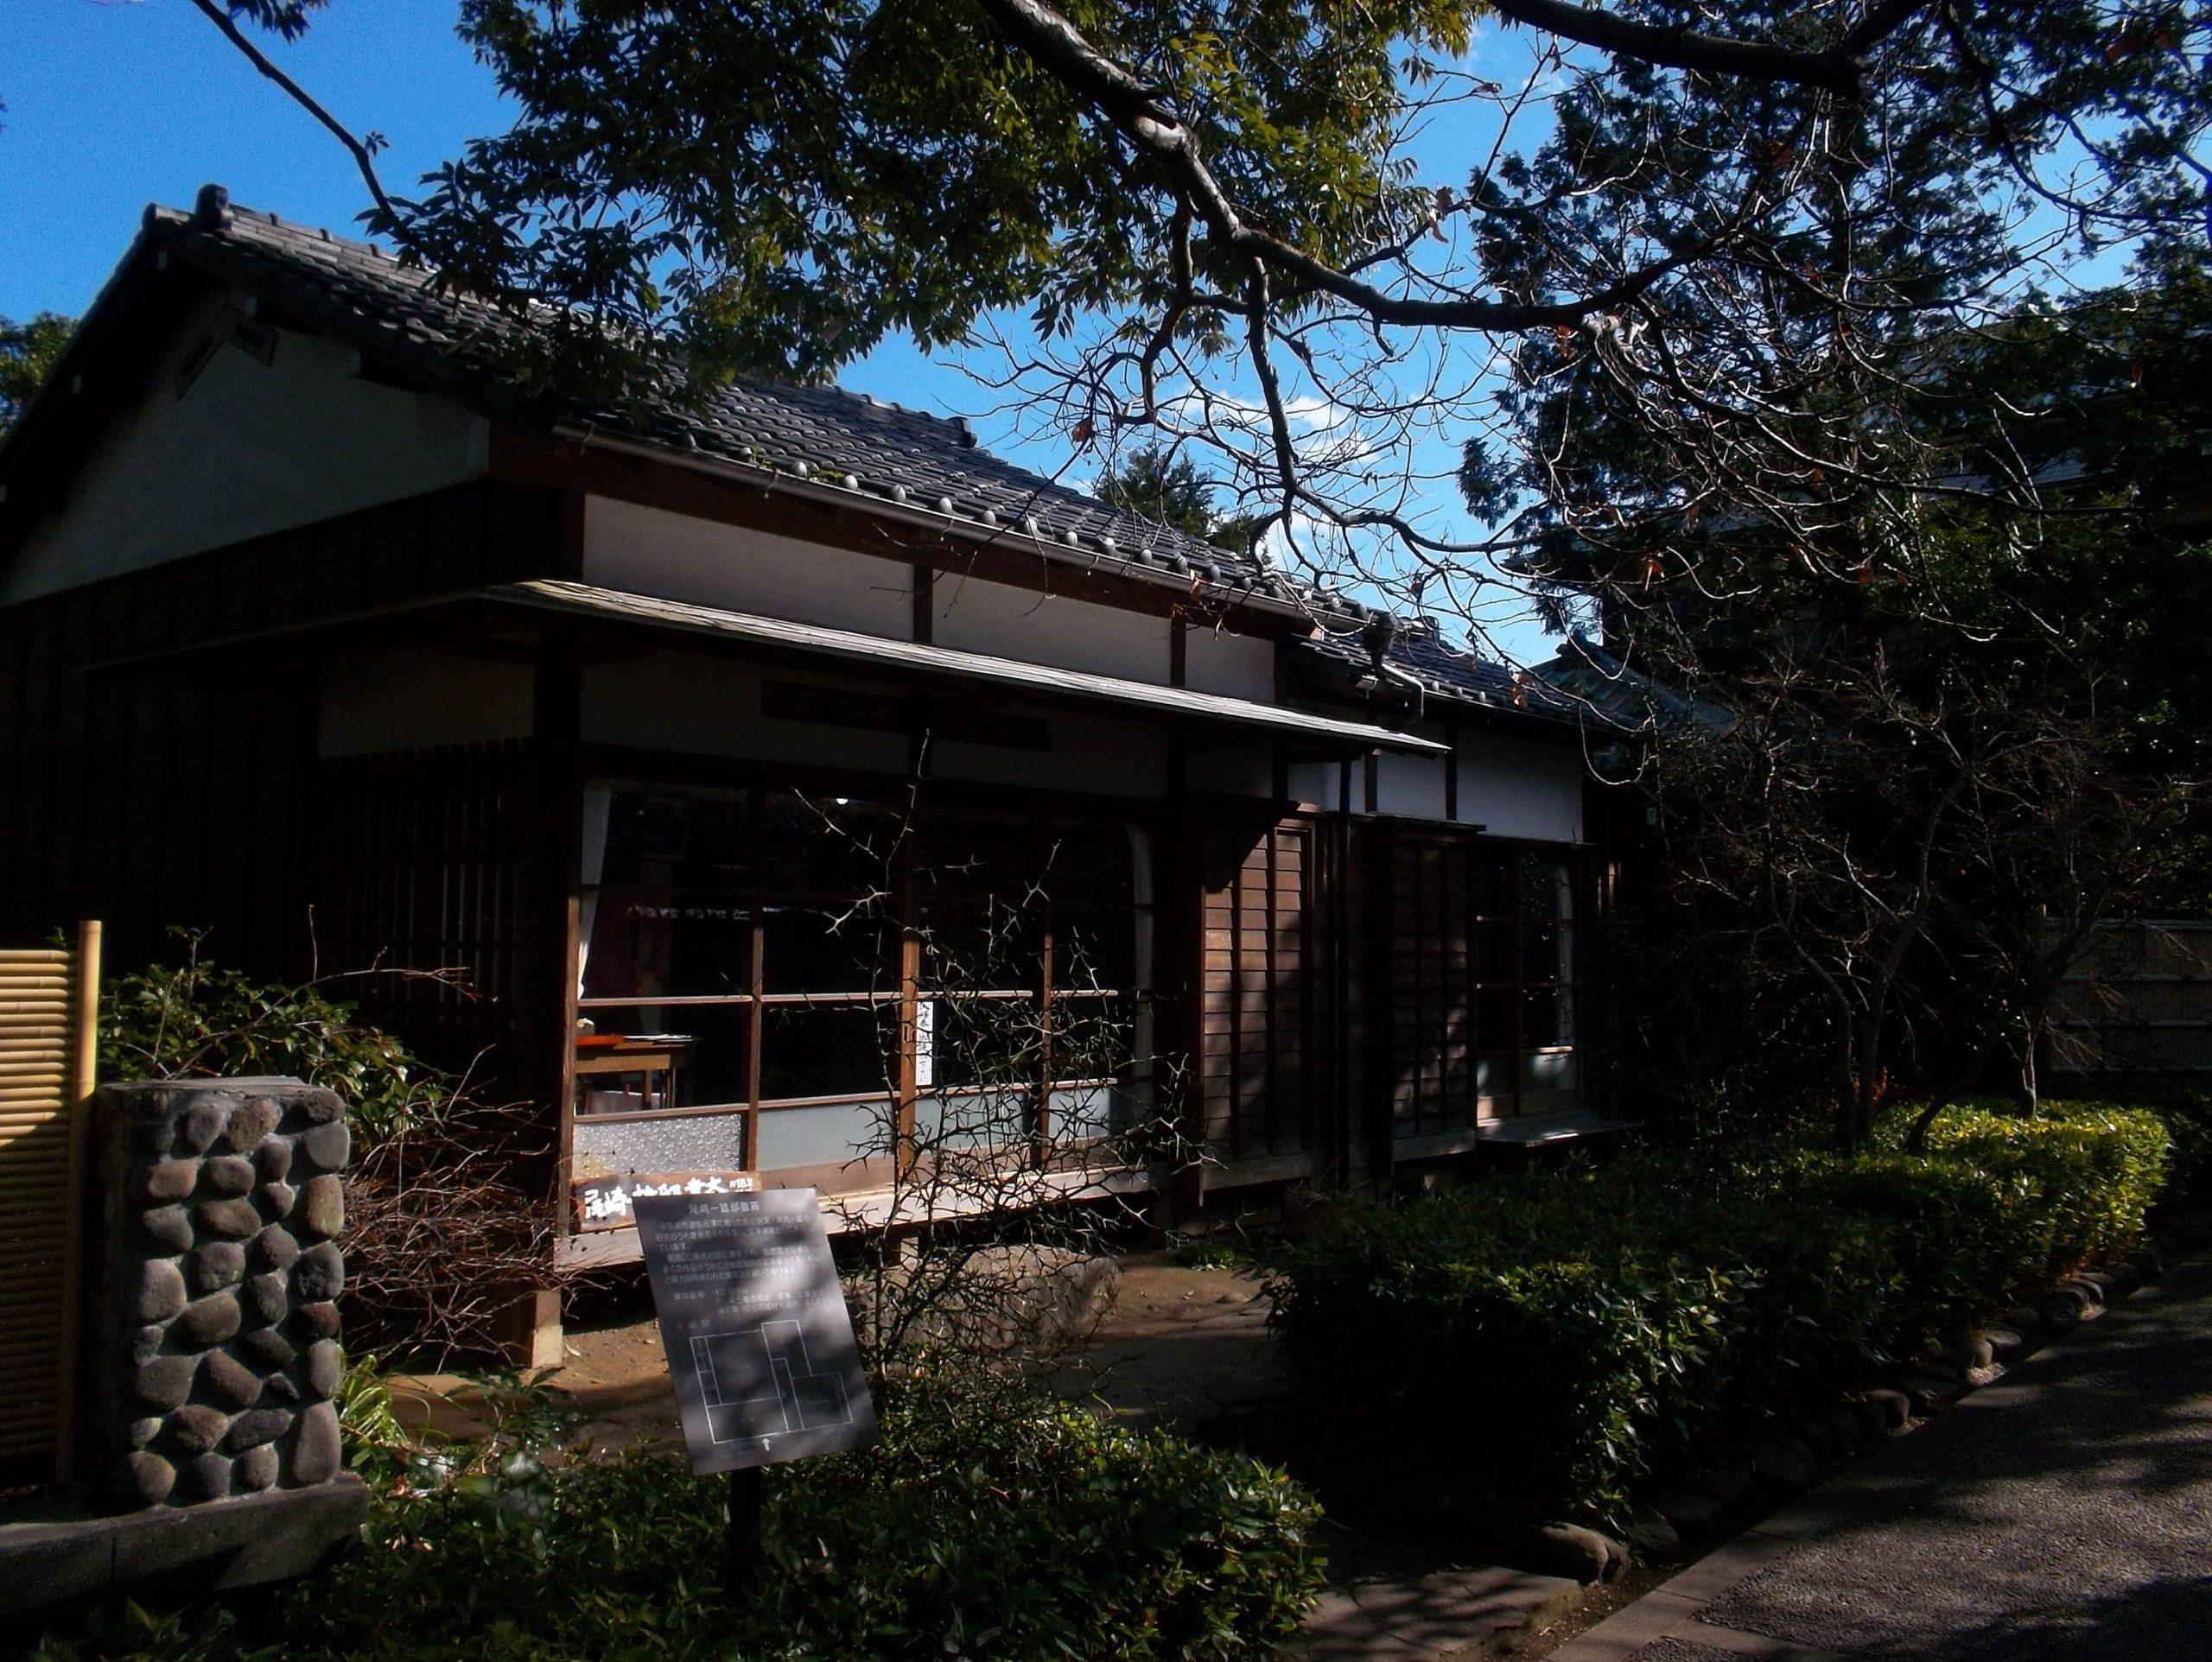 尾崎一雄邸書斎 – Osaki Kazuo's Study